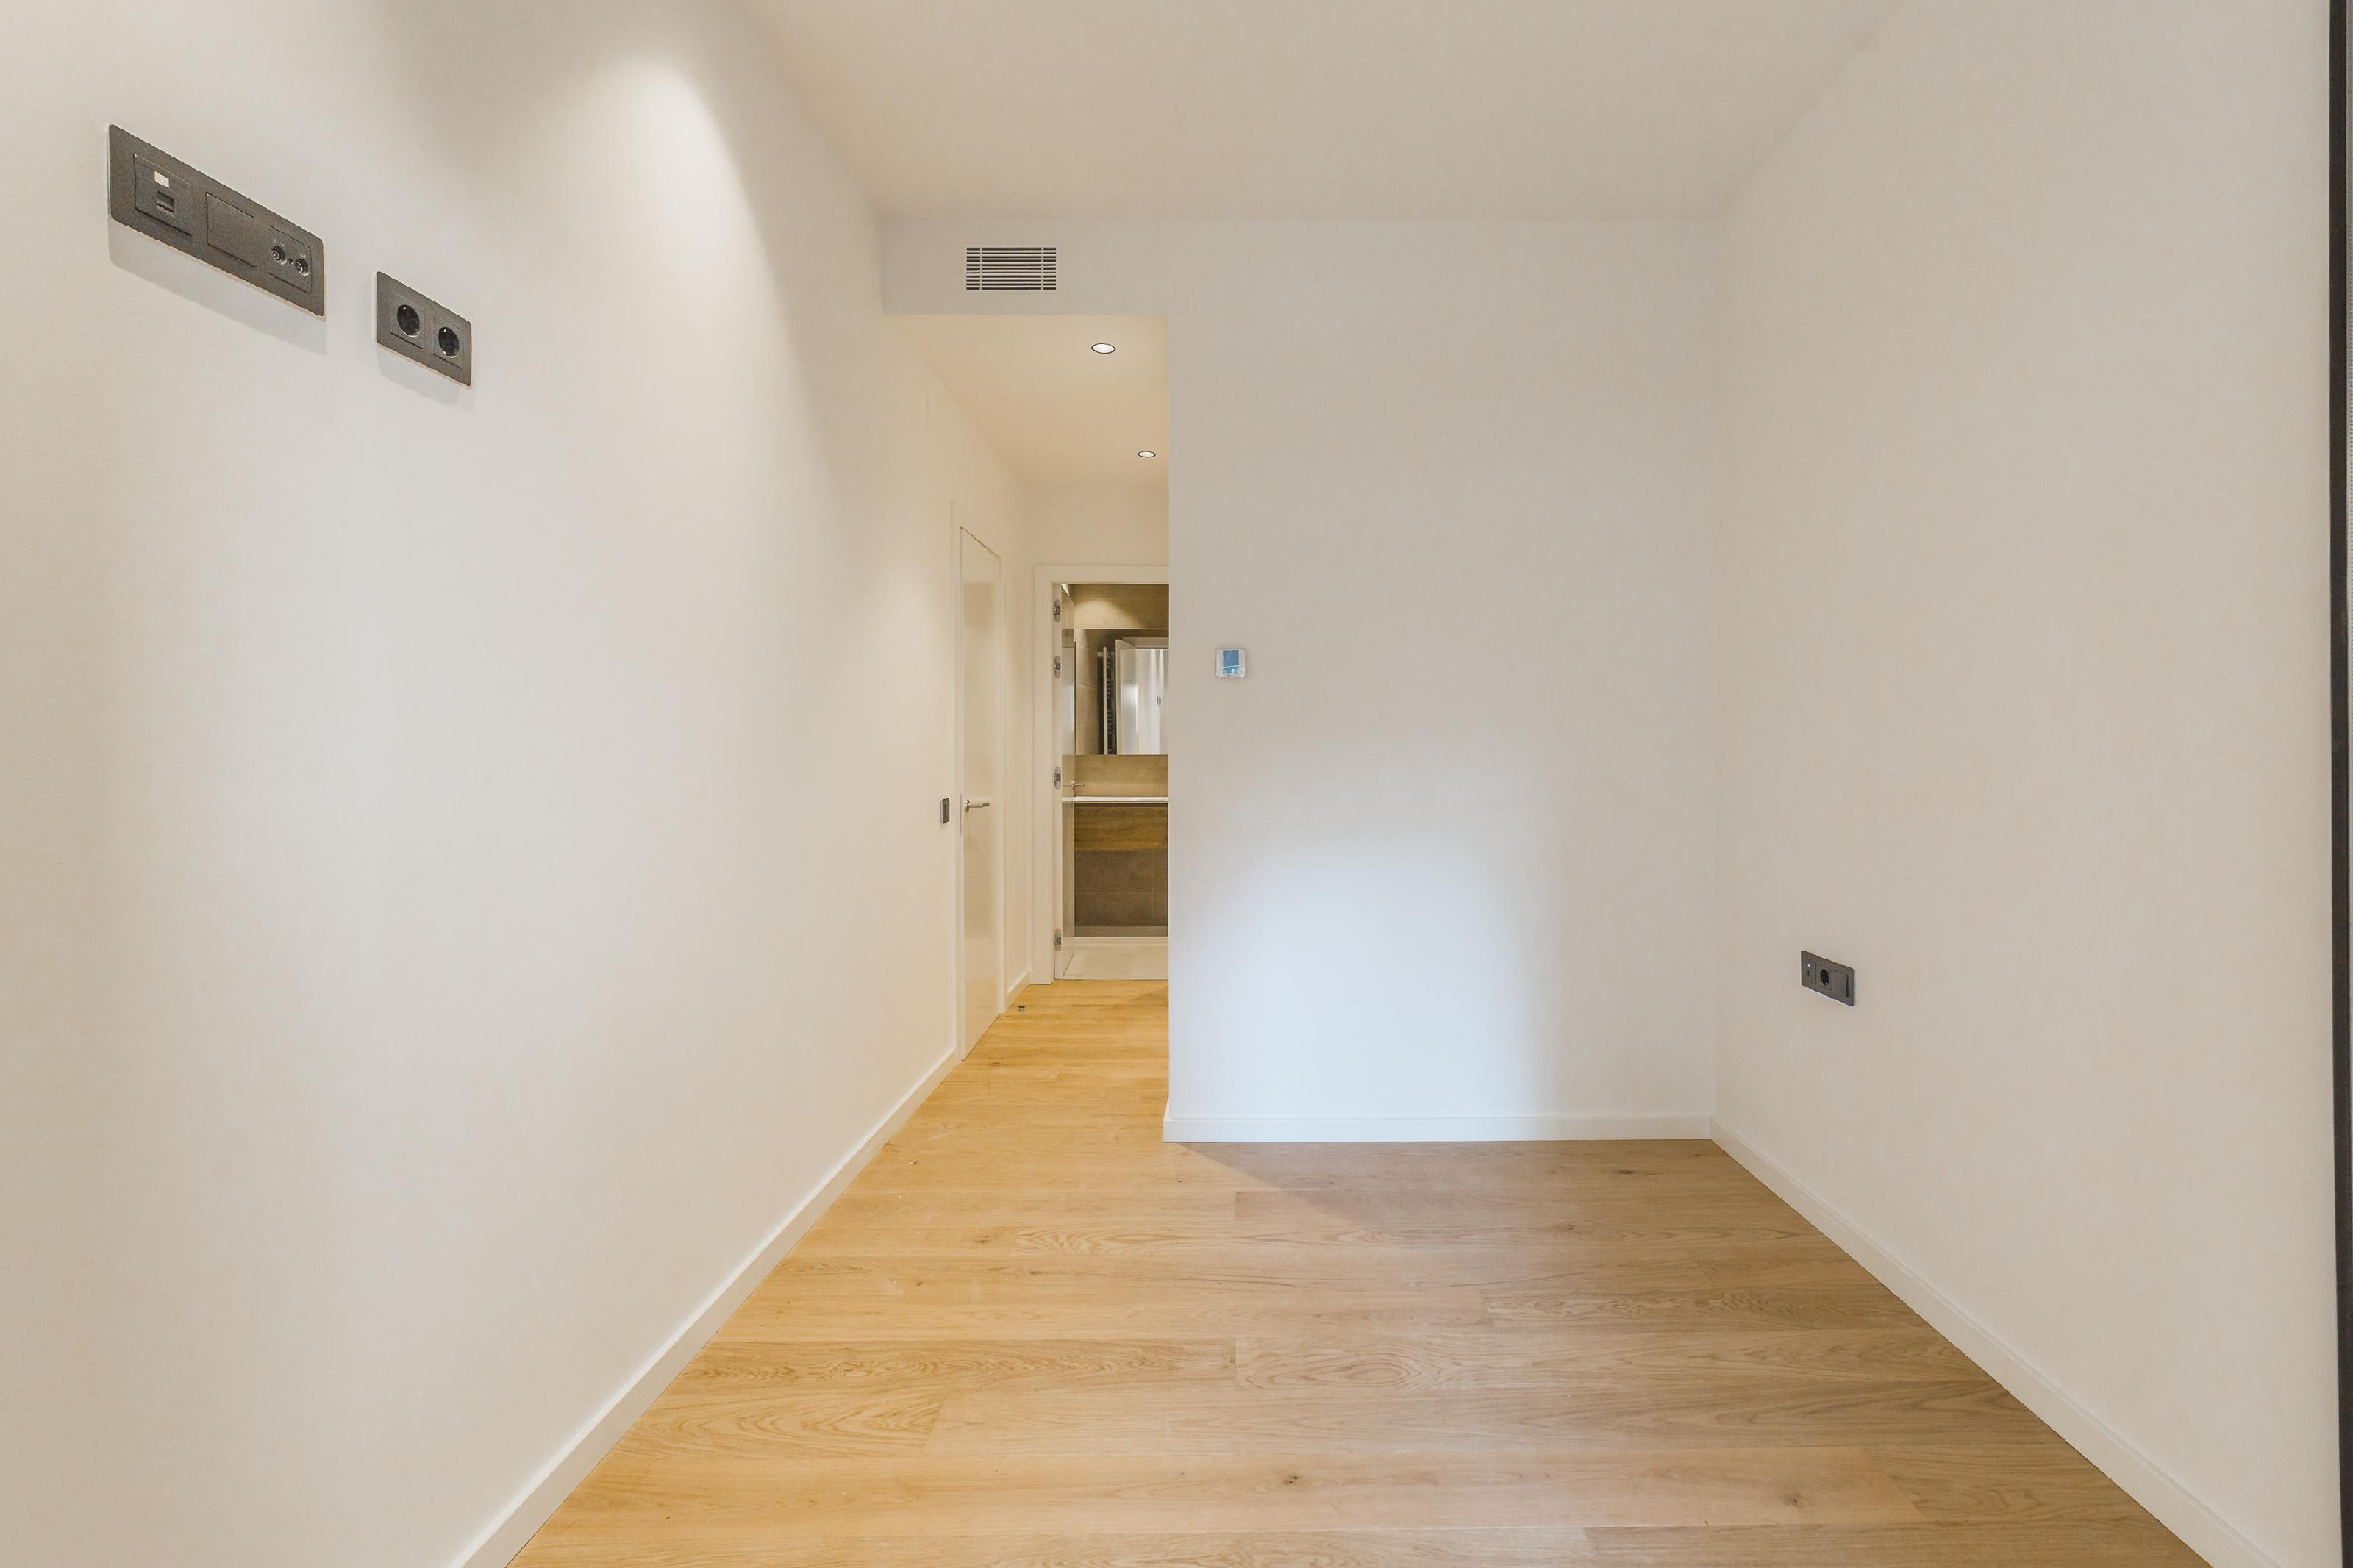 251949 Apartment for sale in Eixample, Antiga Esquerre Eixample 15